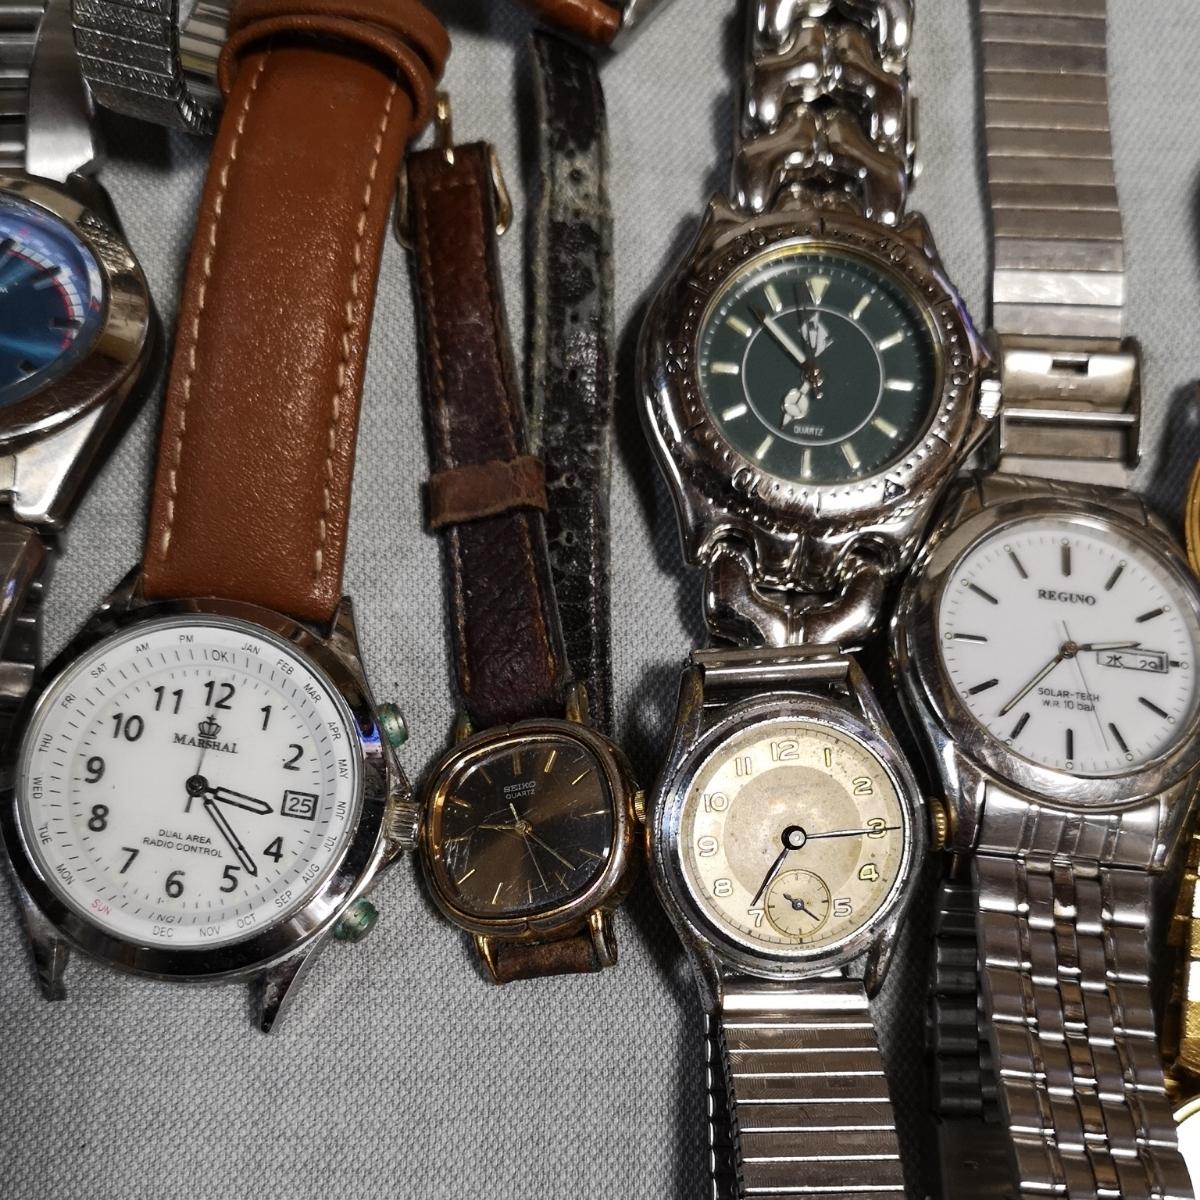 腕時計 大量 50個 SEIKO CITIZEN カシオ クォーツ 手巻 懐中時計 銀時計 ジャンク_画像3